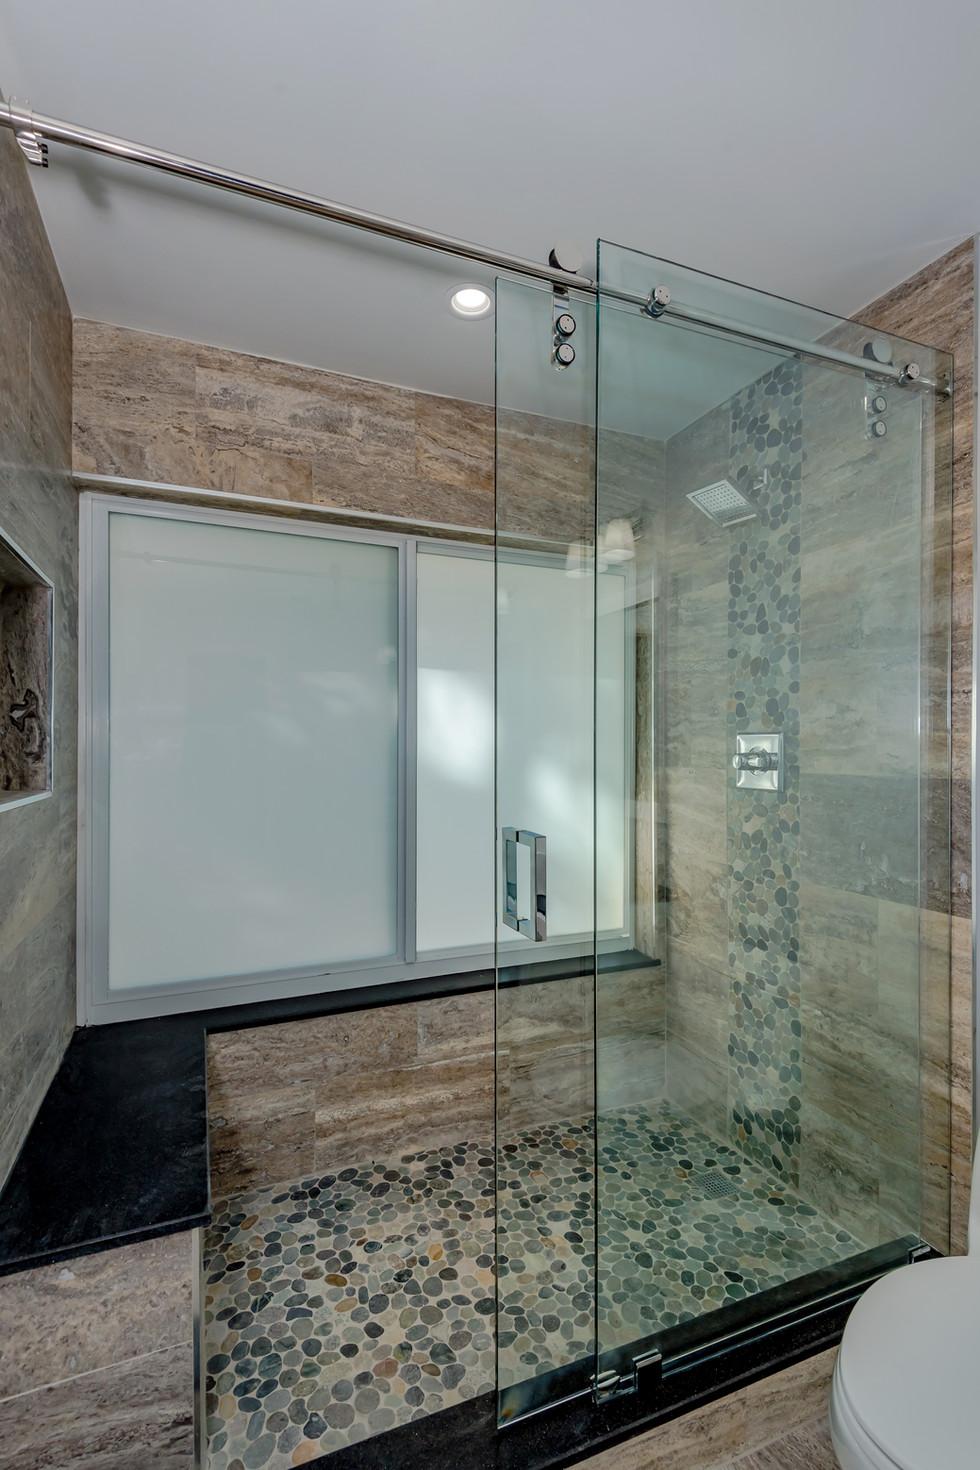 Custom Master Bathroom Remodel with Wrap-Around Shower Bench & Shower Niche 2